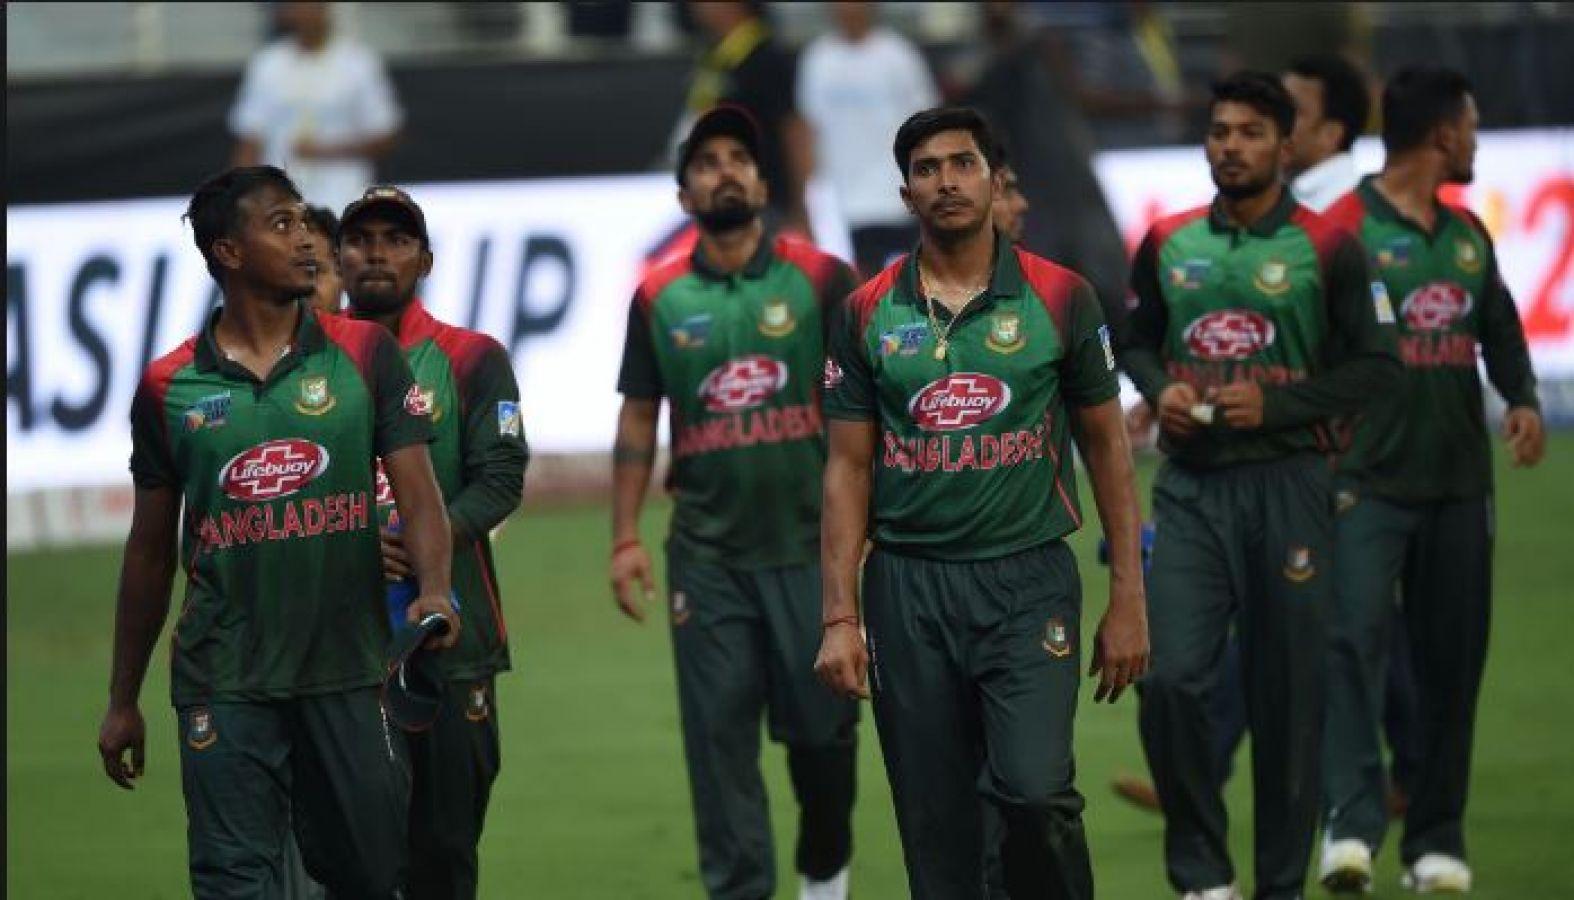 बांग्लादेश ने की वर्ल्ड कप के लिए टीम की घोषणा, इन्हे मिला मौका